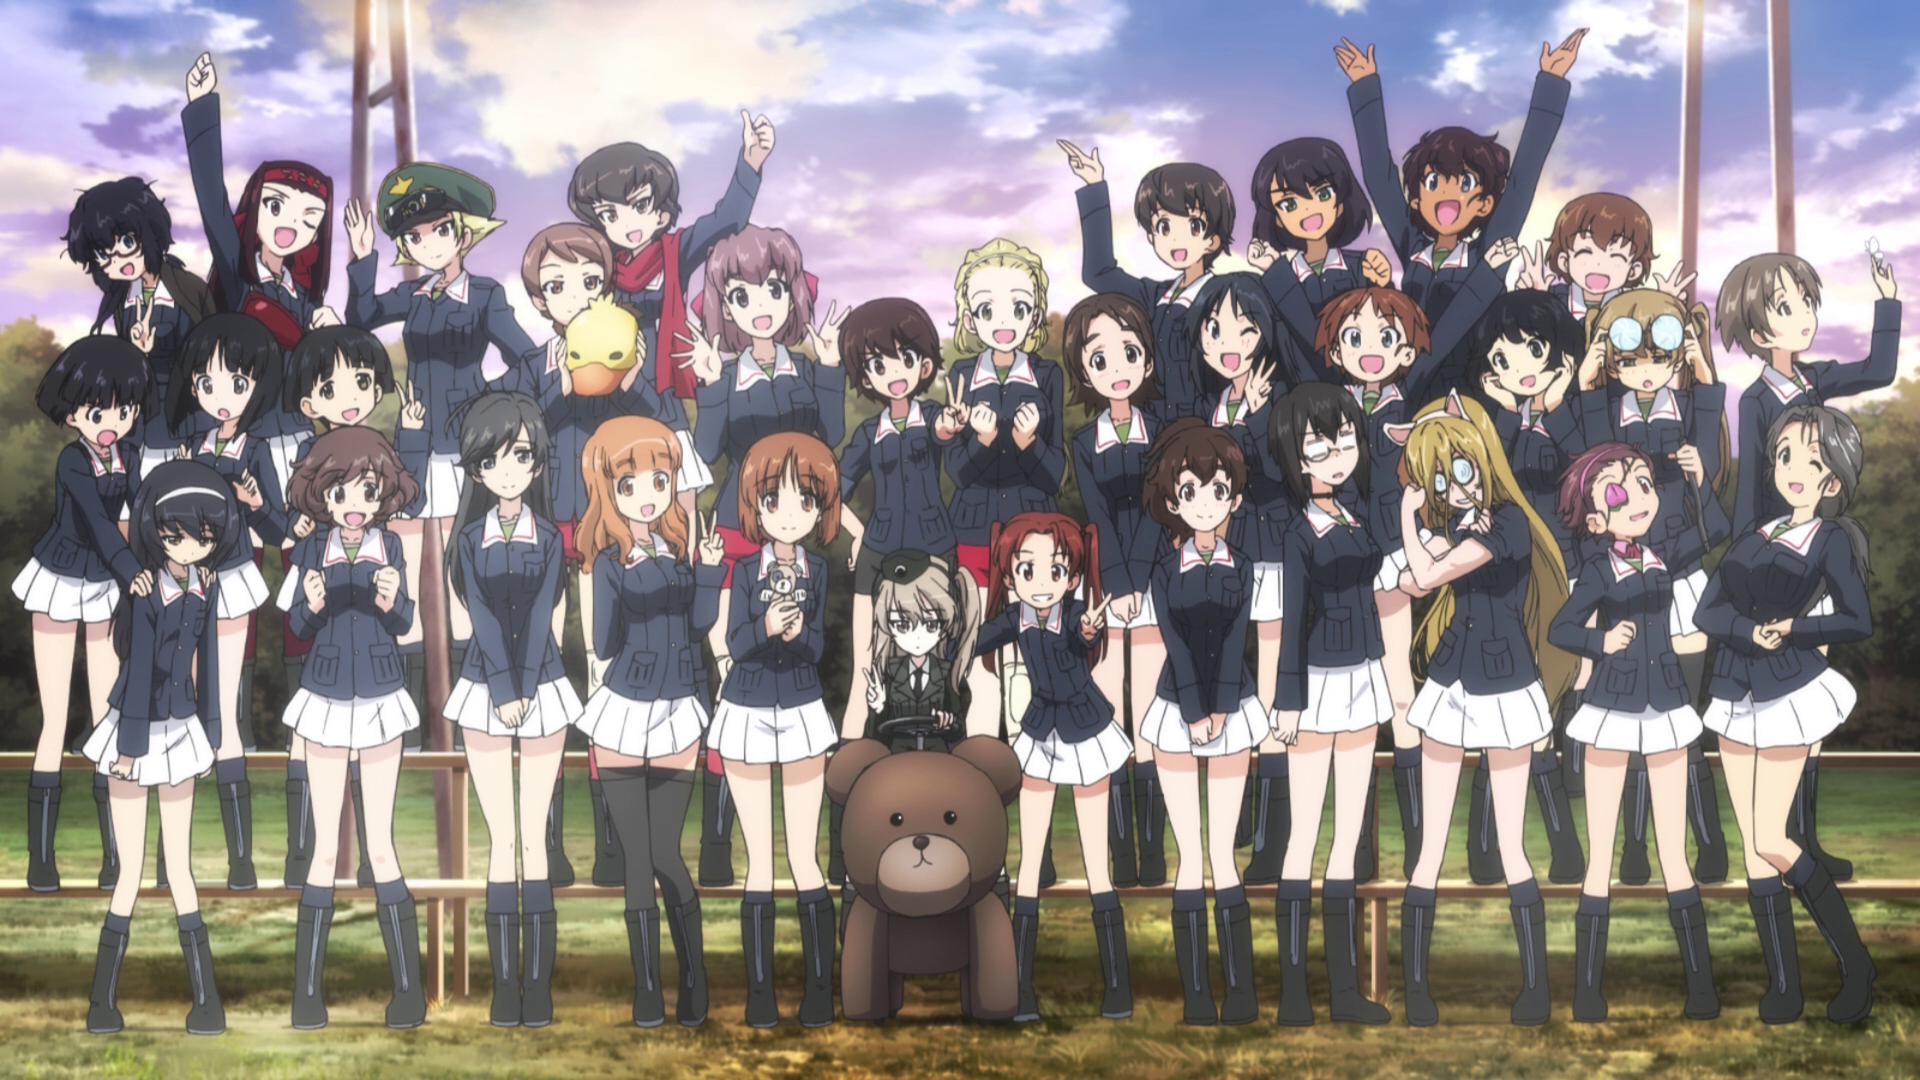 Girls Und Panzer Der Film Sequel Ova Alice War Anime School